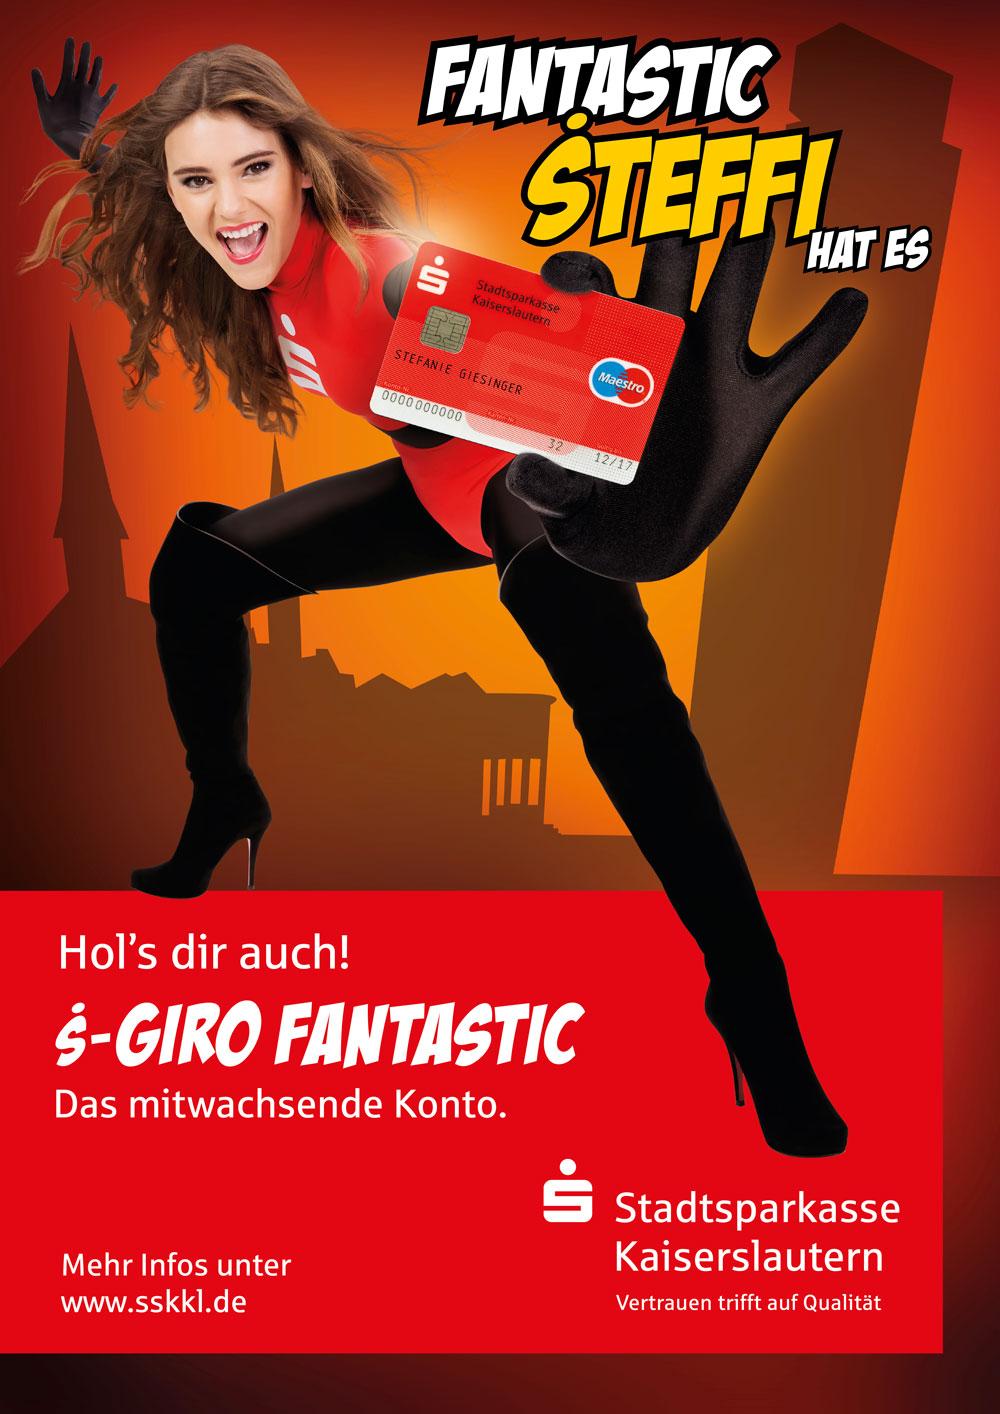 Stadtsparkasse Kaiserslautern Kampagne S-Giro fantastic 2015 Stefanie Giesinger